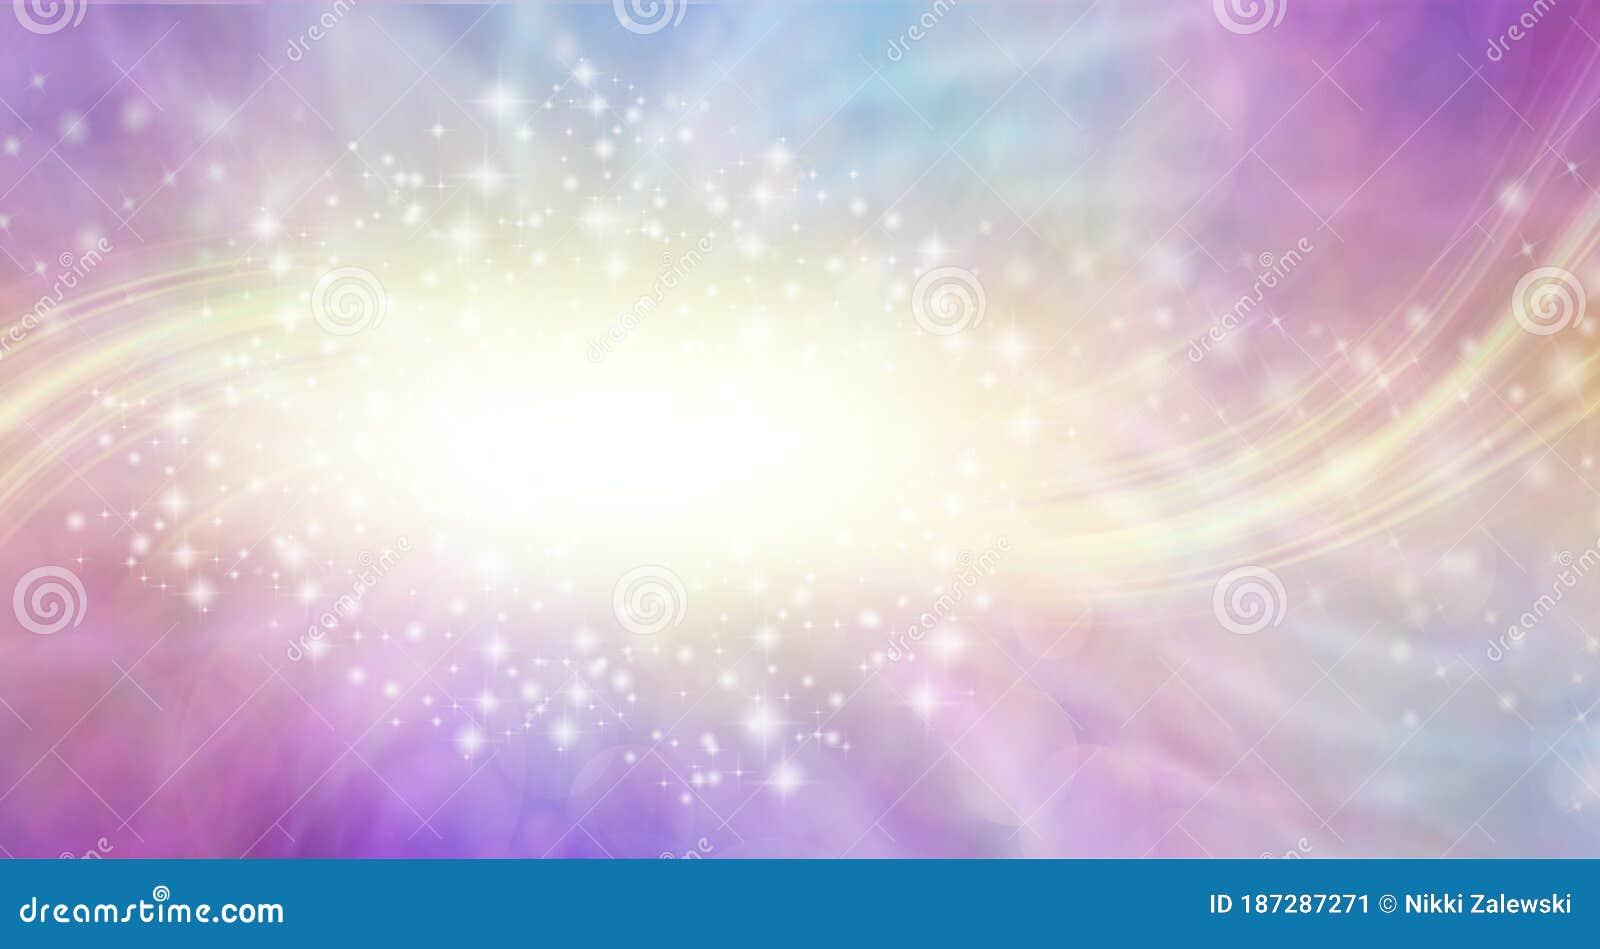 Celestial Light Energy Form Background Stock Illustration ...